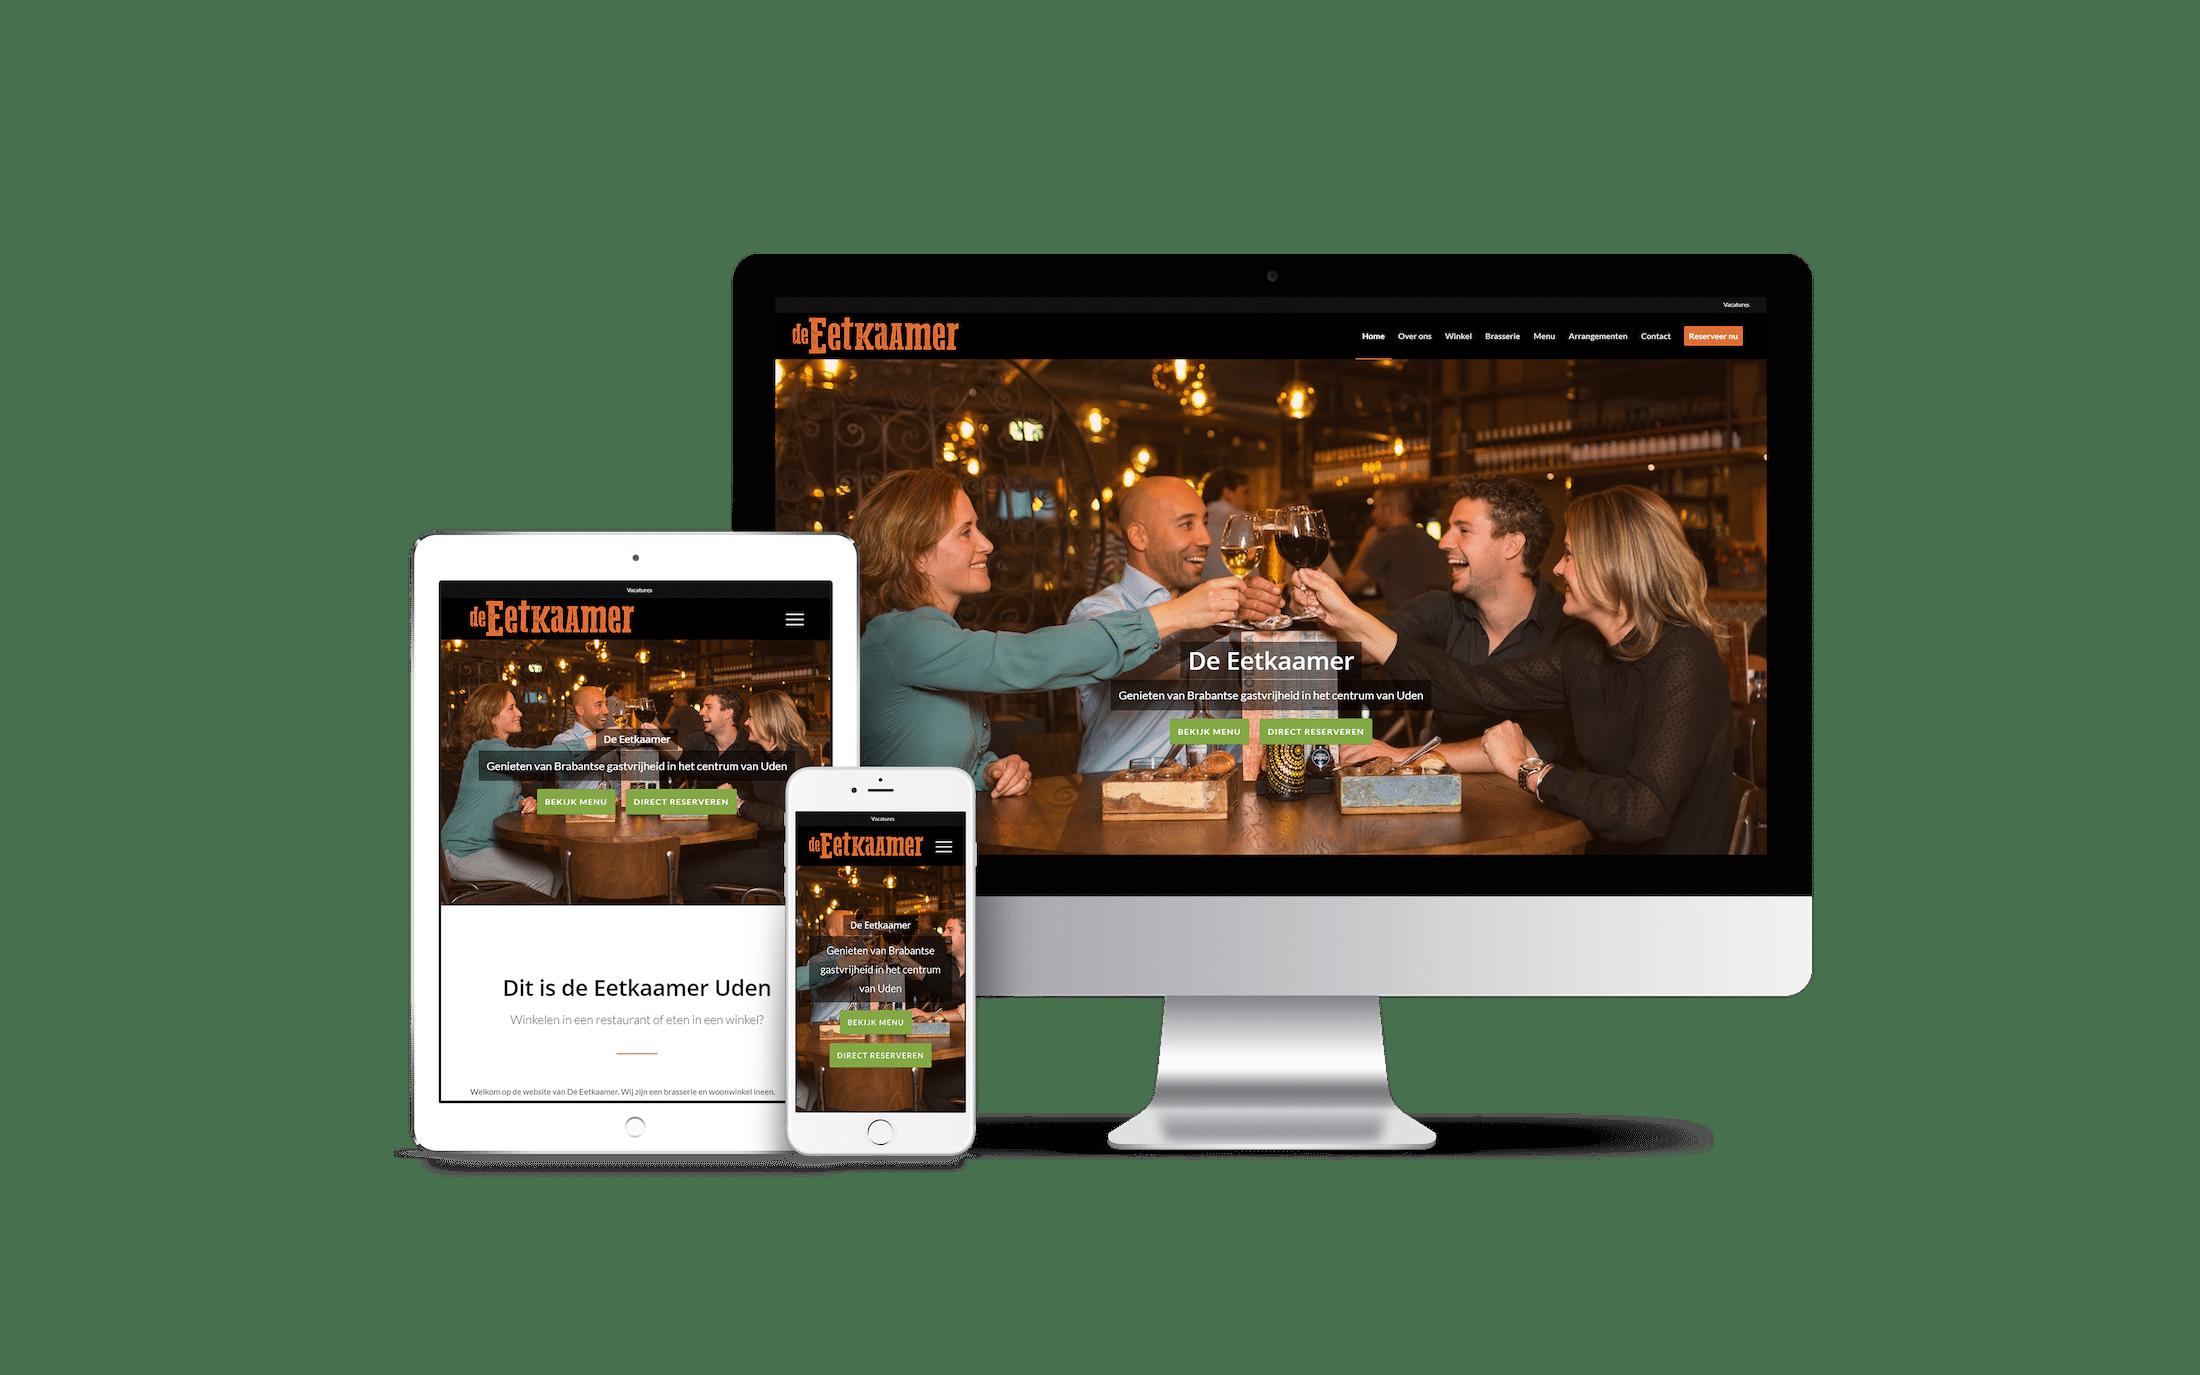 De Eetkaamer - website voorbeeld